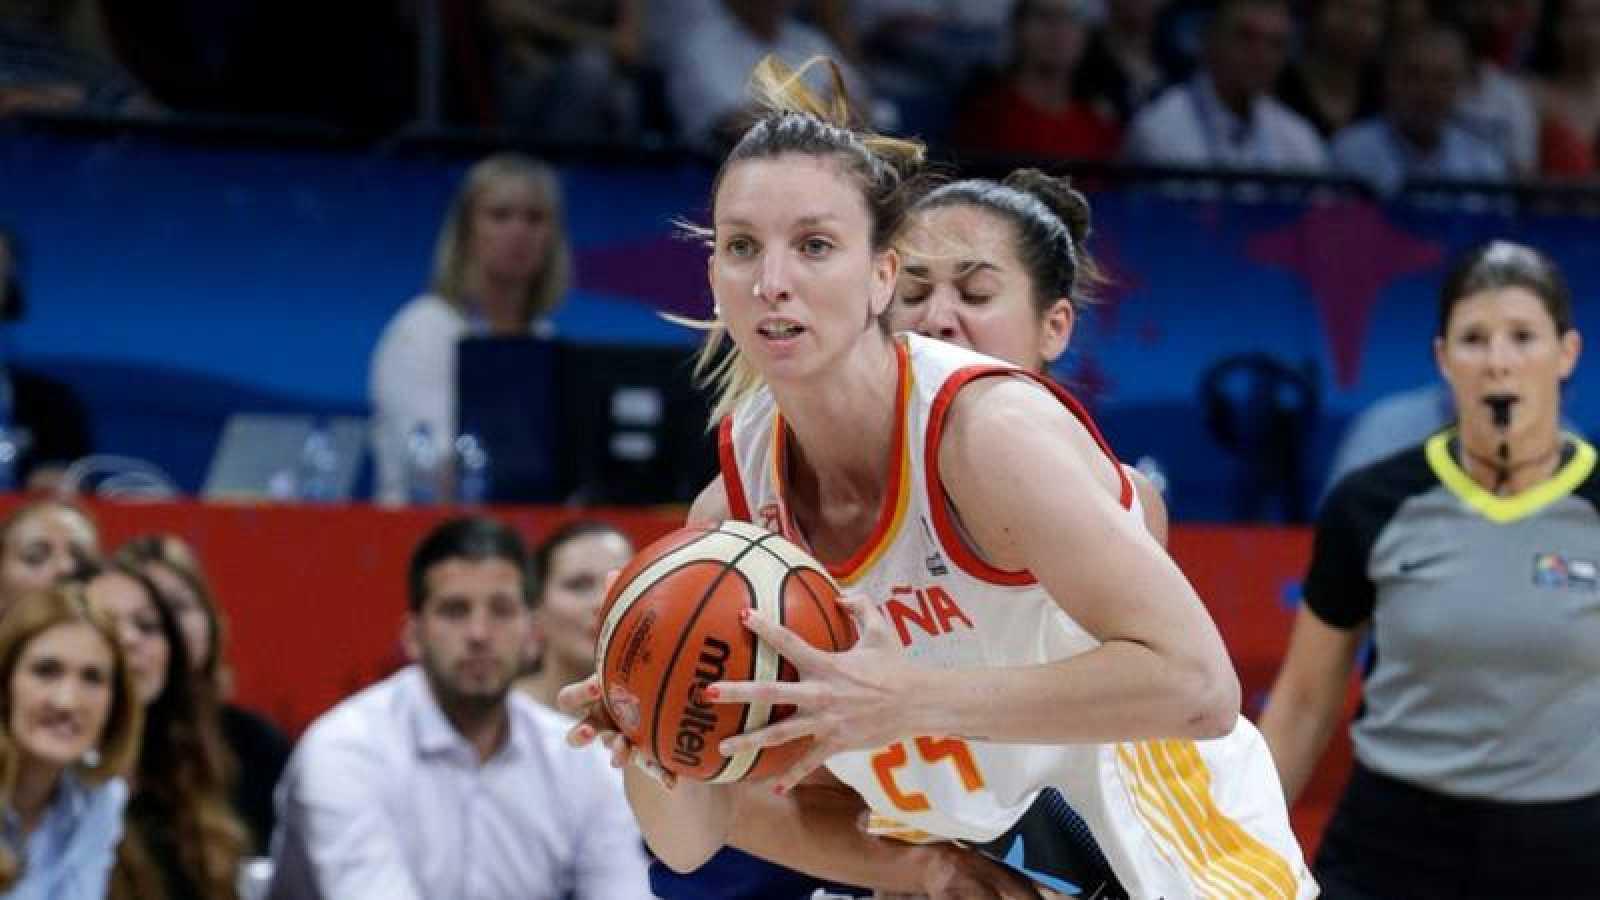 La jugadora Laura Gil durante un partido del Eurobasket 2019 ante Serbia.